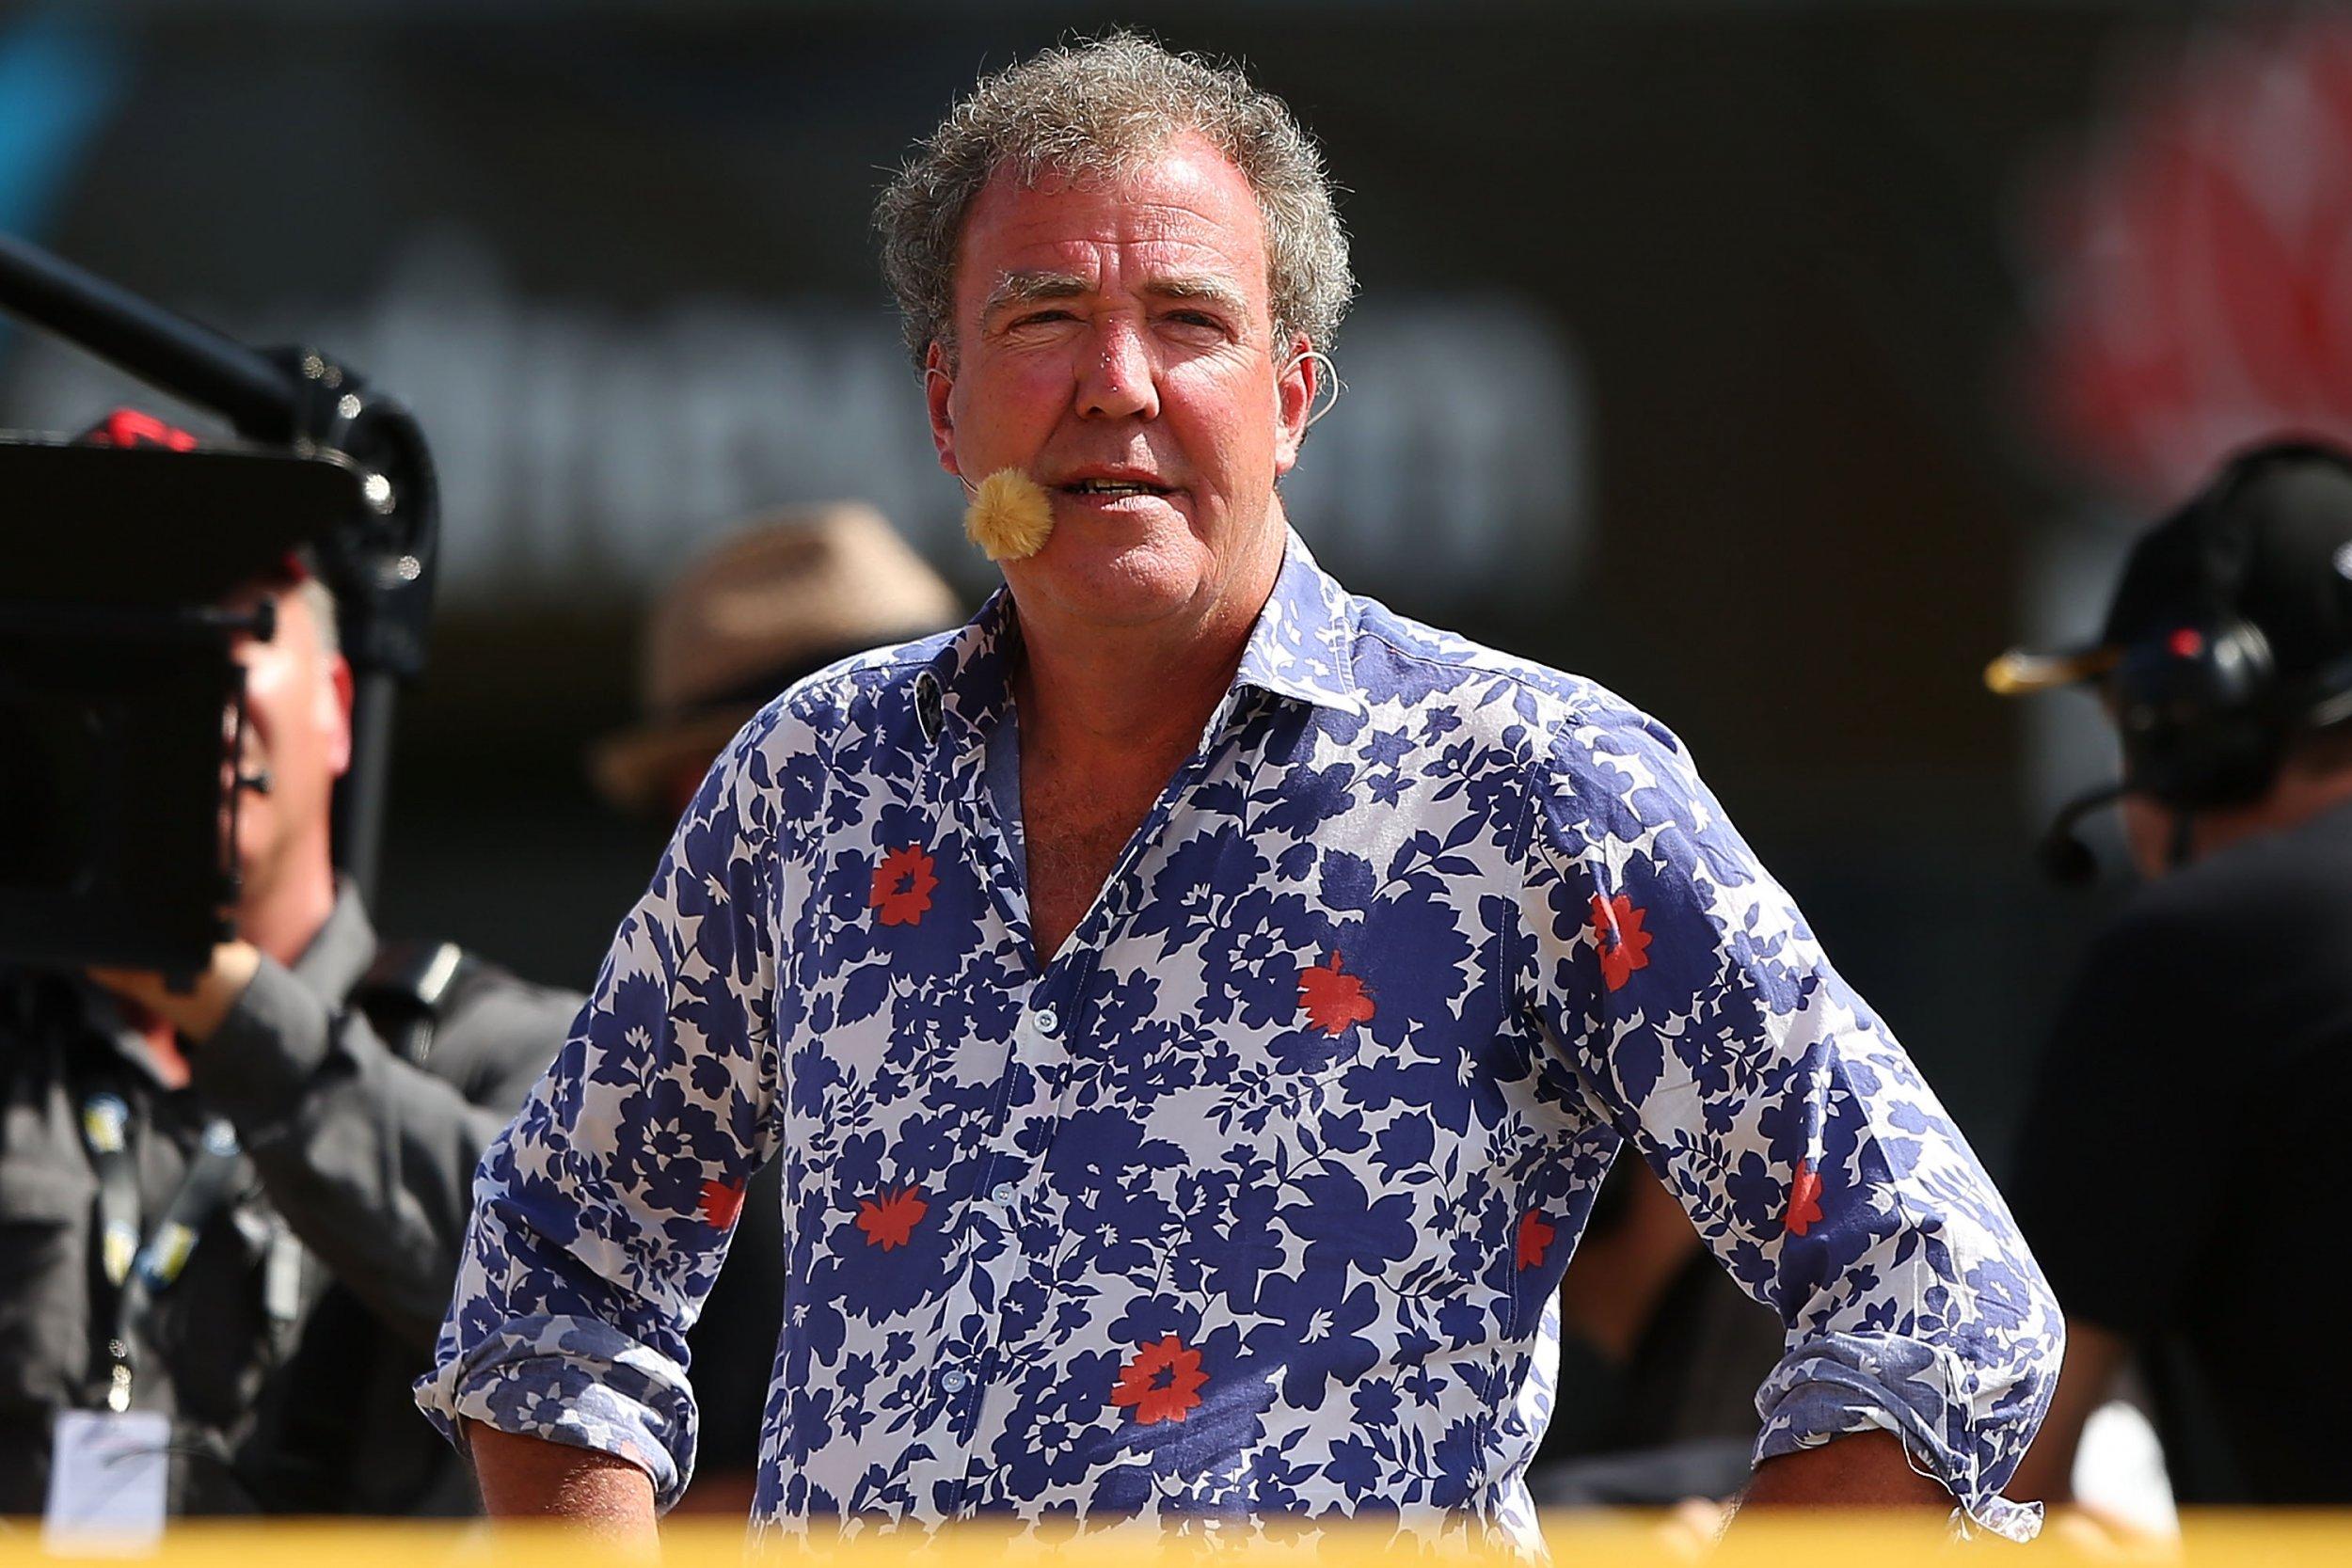 Jeremy Clarkson in 2013